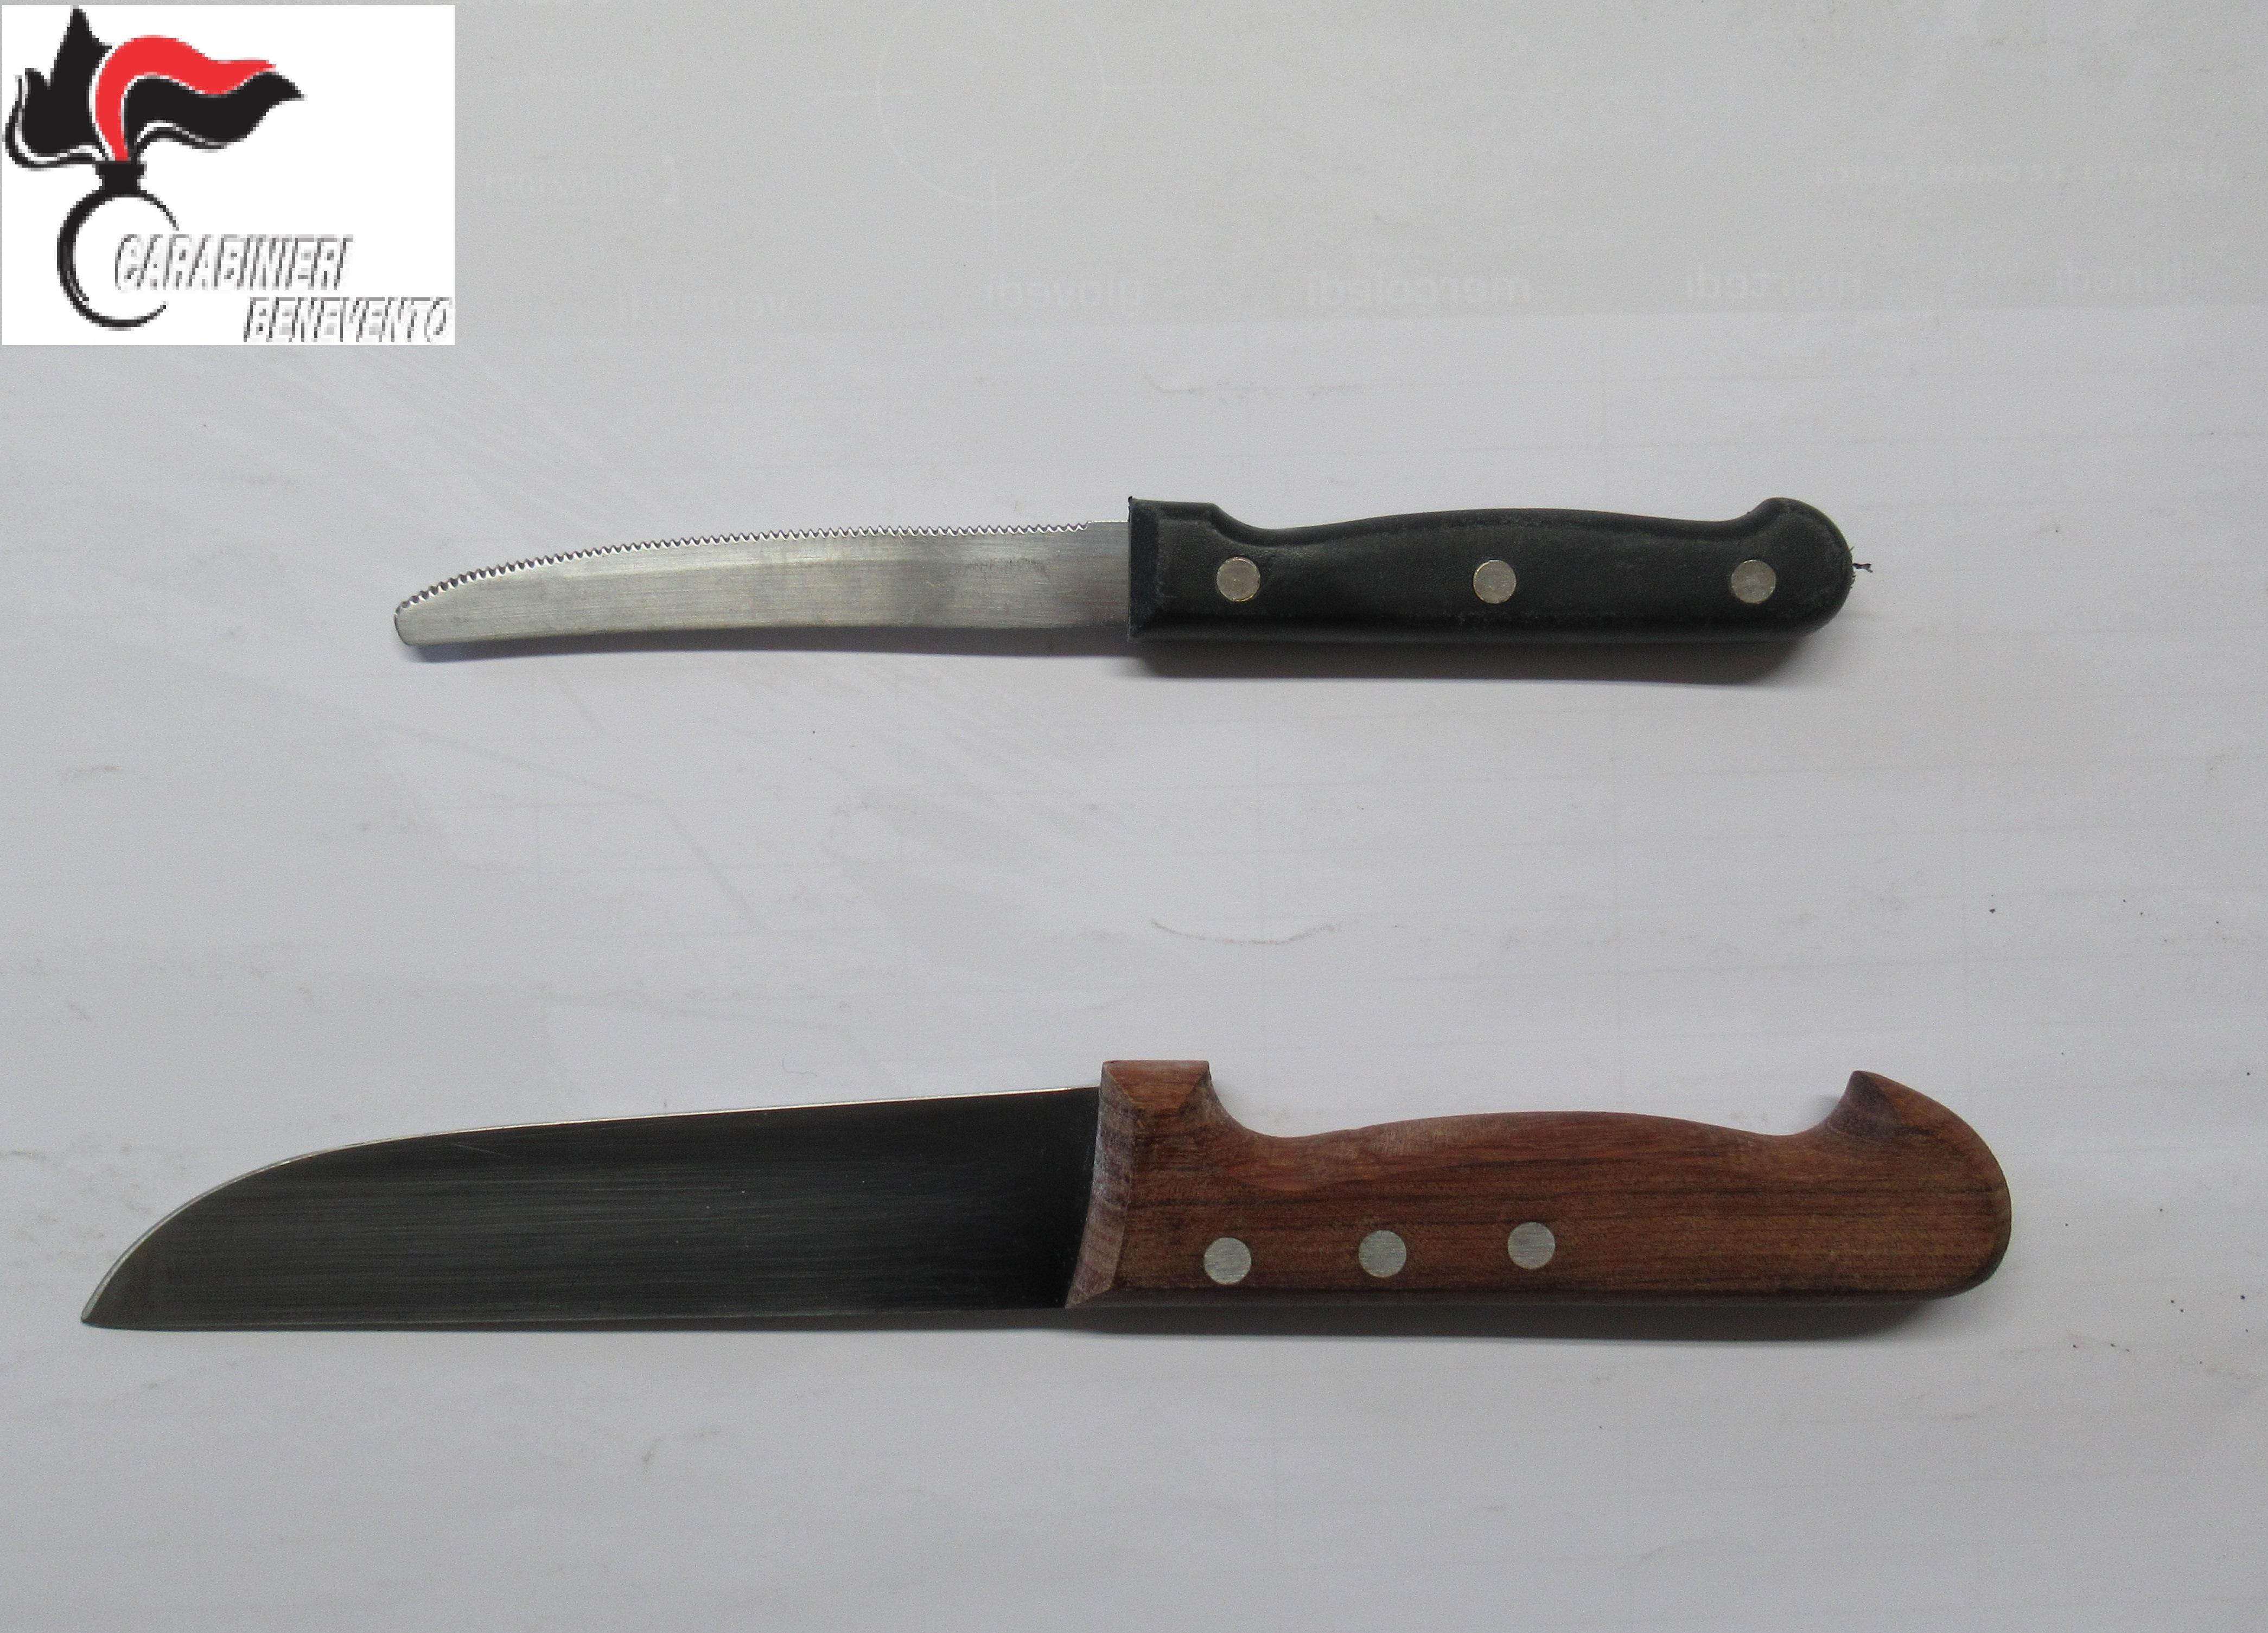 Marito minaccia moglie con coltelli da cucina. In manette 56enne beneventano